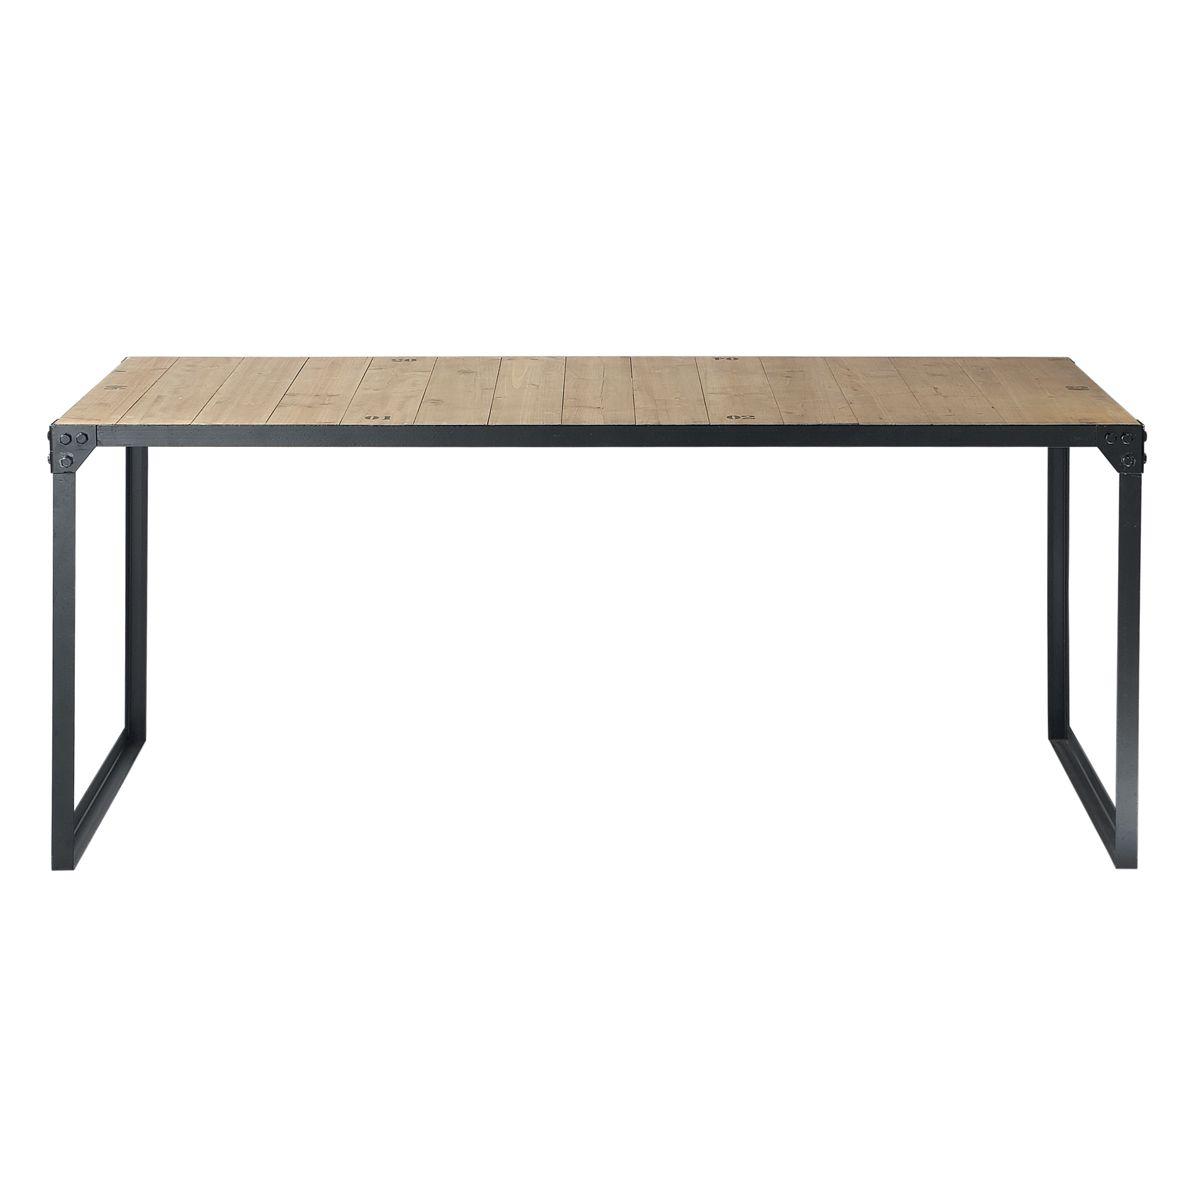 Tavolo stile industriale per sala da pranzo in legno e